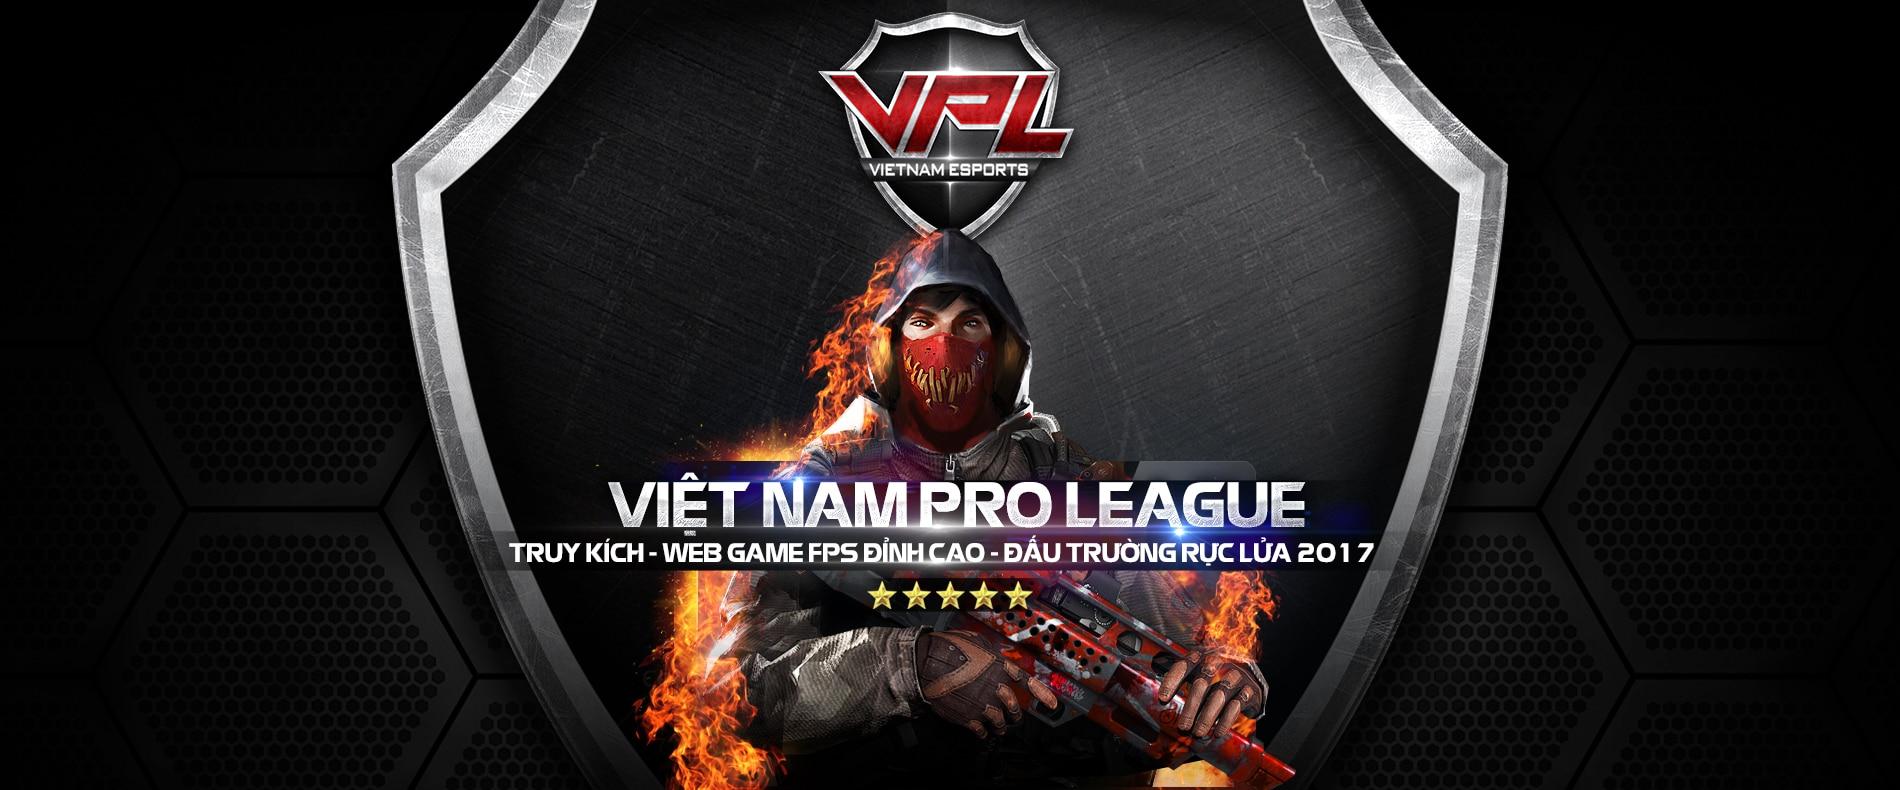 Người người nhà nhà chơi Truy Kích háo nức tham dự giải đấu VPL 2017 0